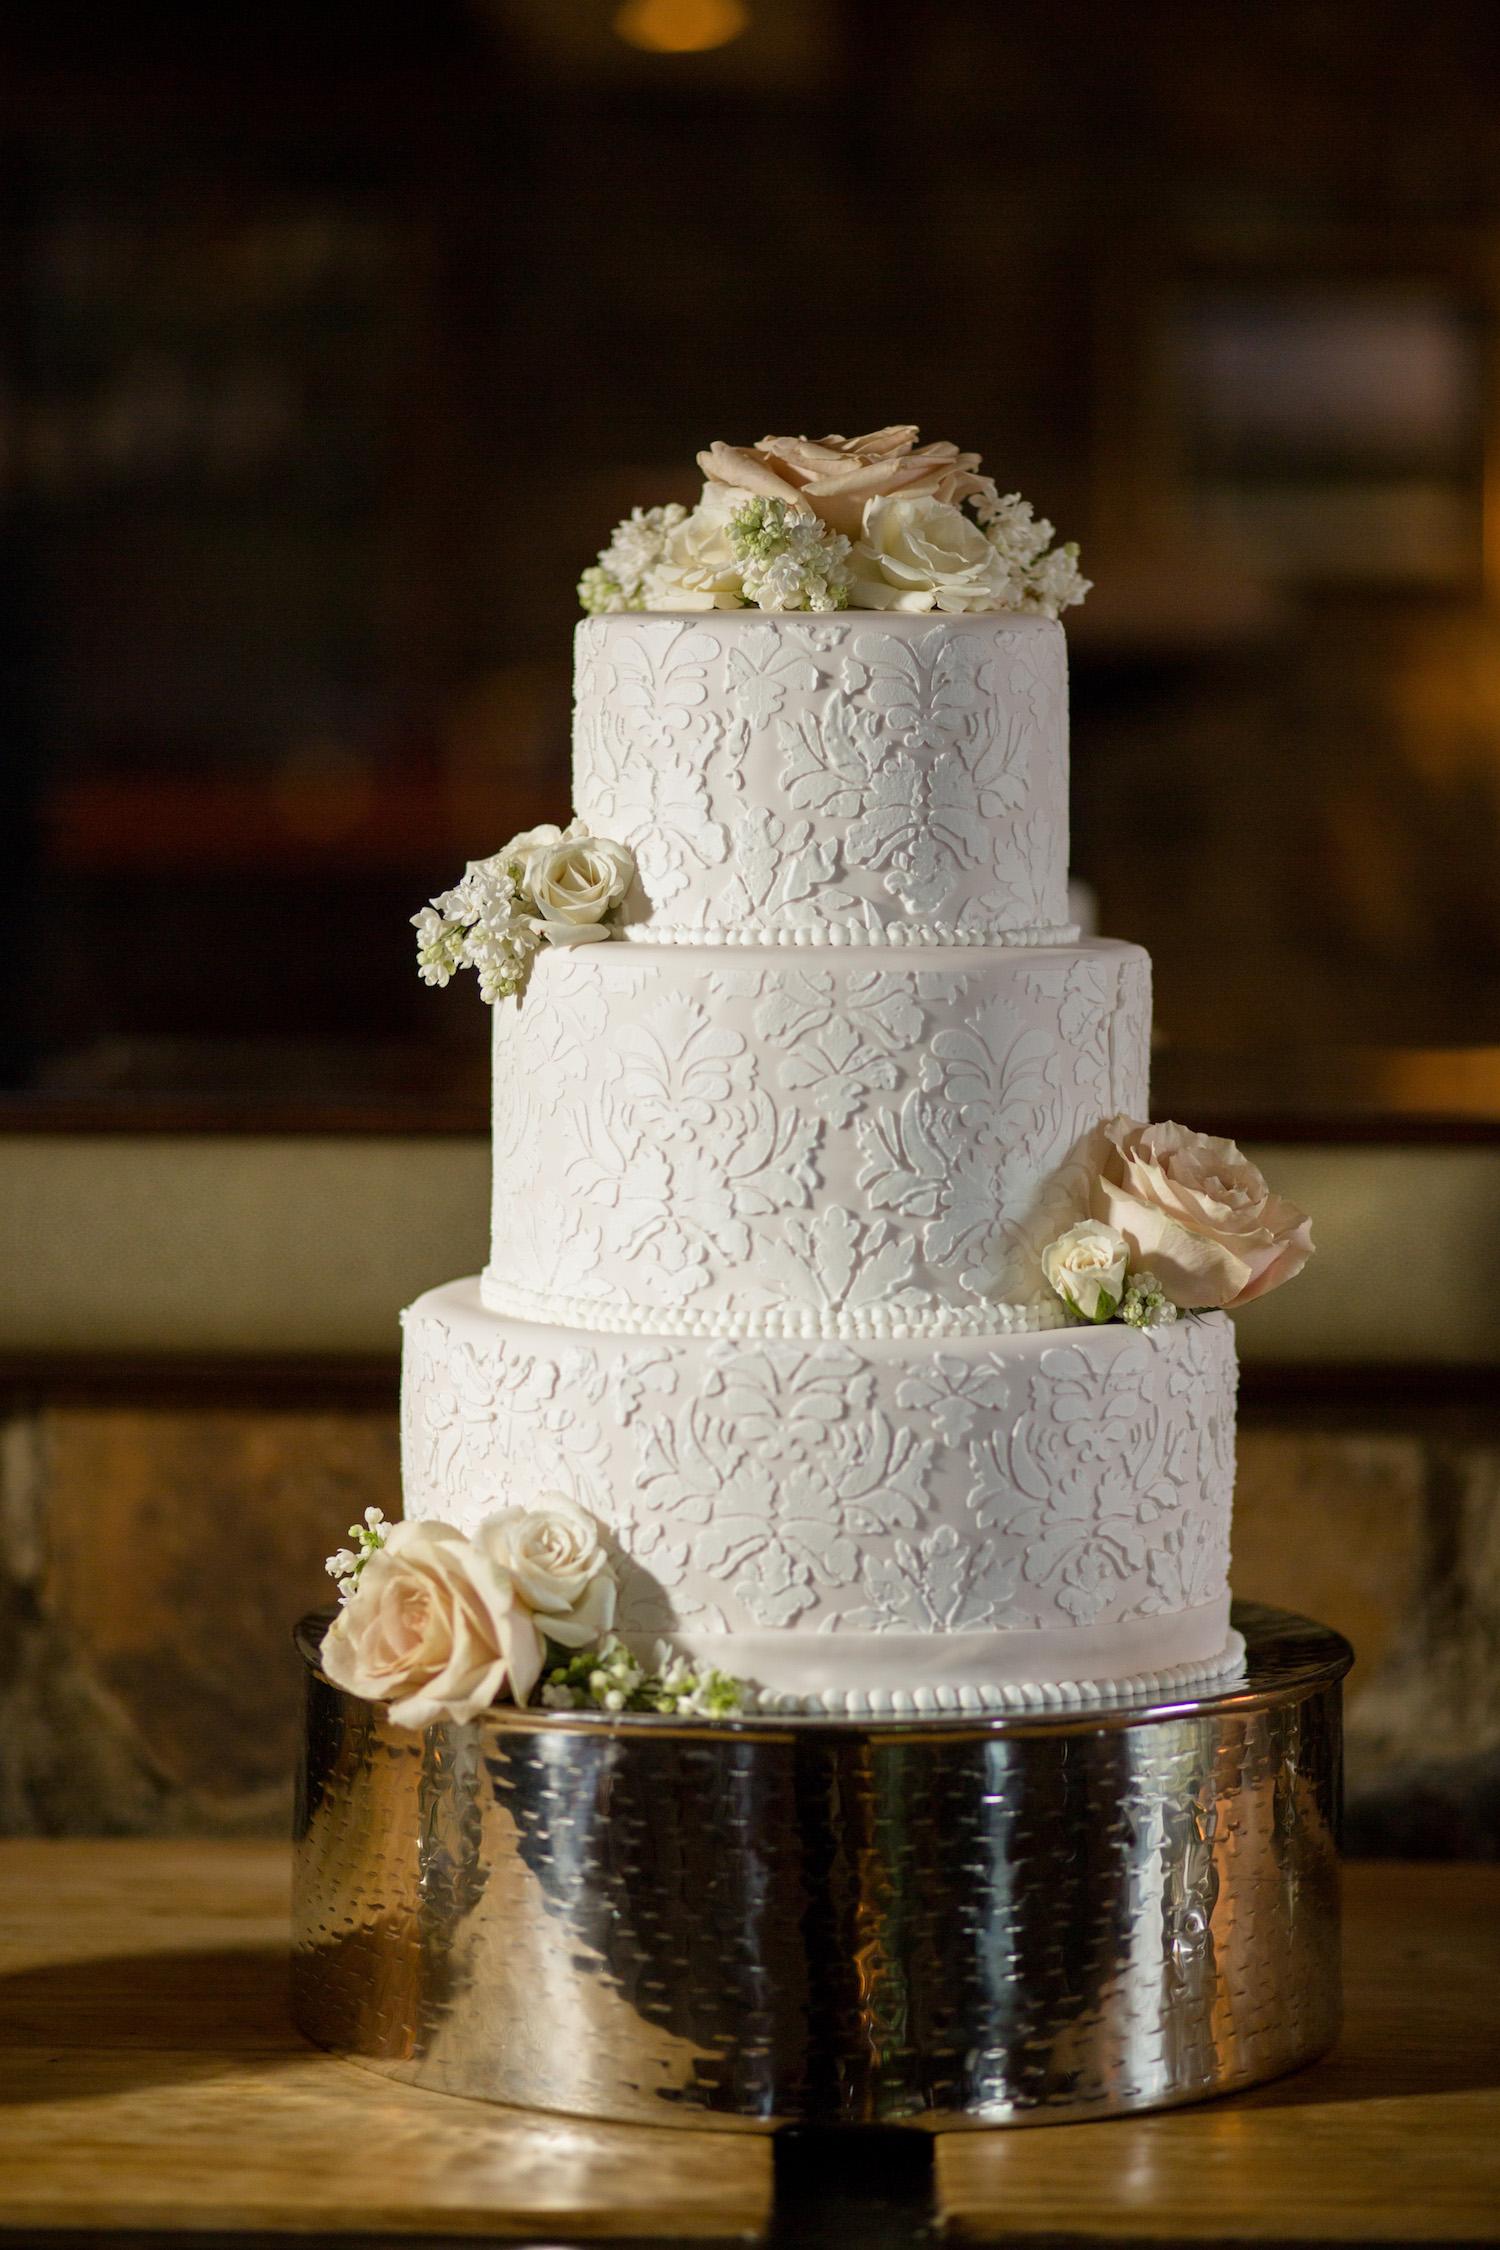 Poplar Springs Cake